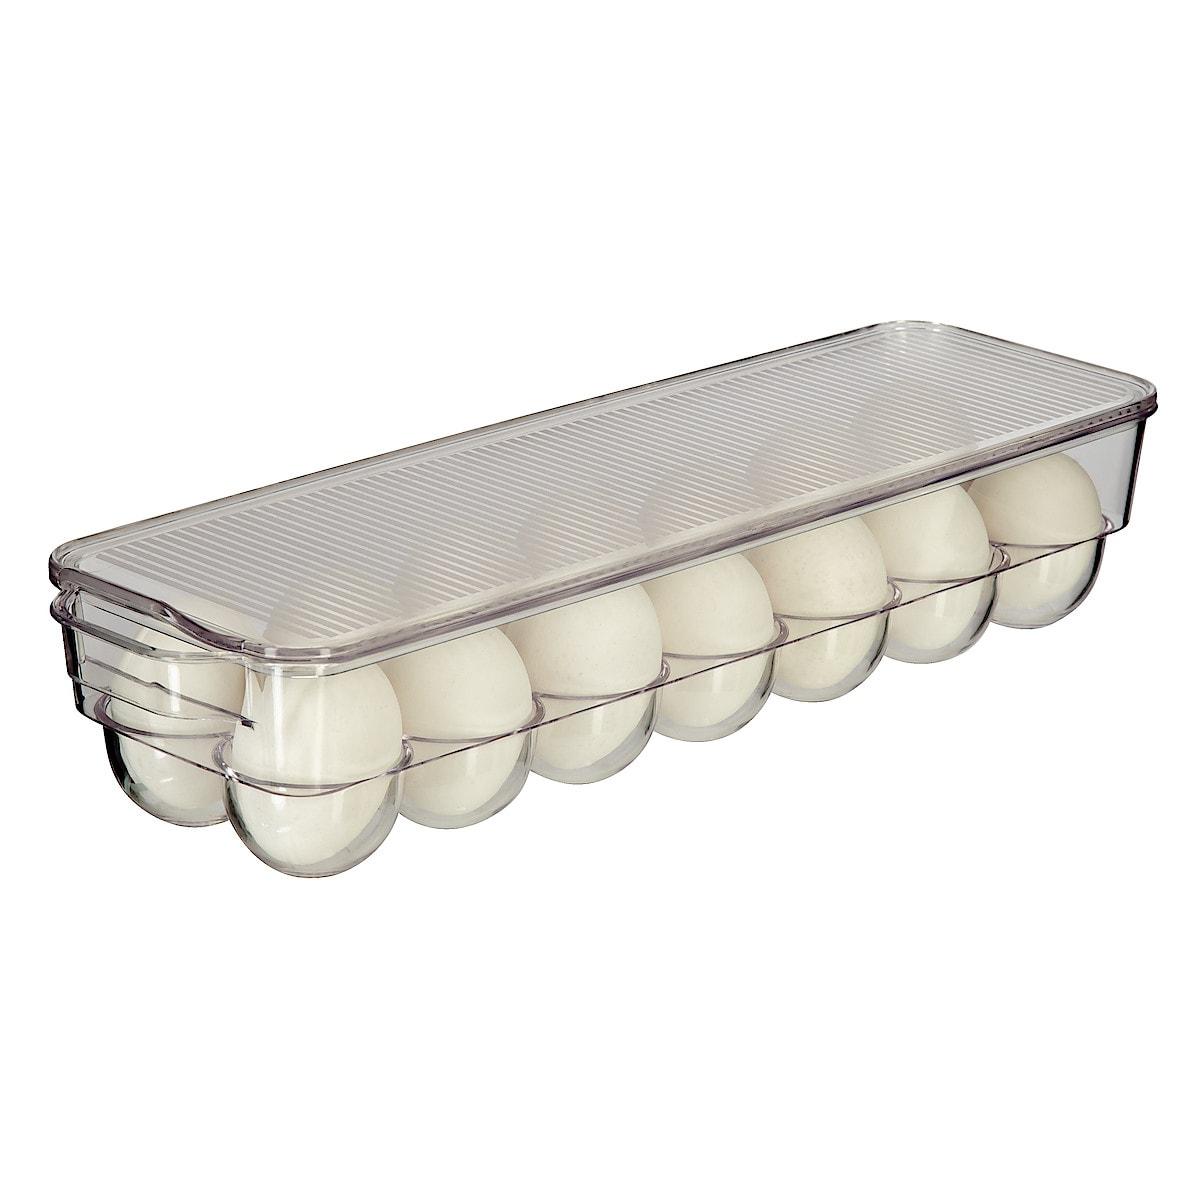 Coline, boks for oppbevaring av egg i kjøleskap.